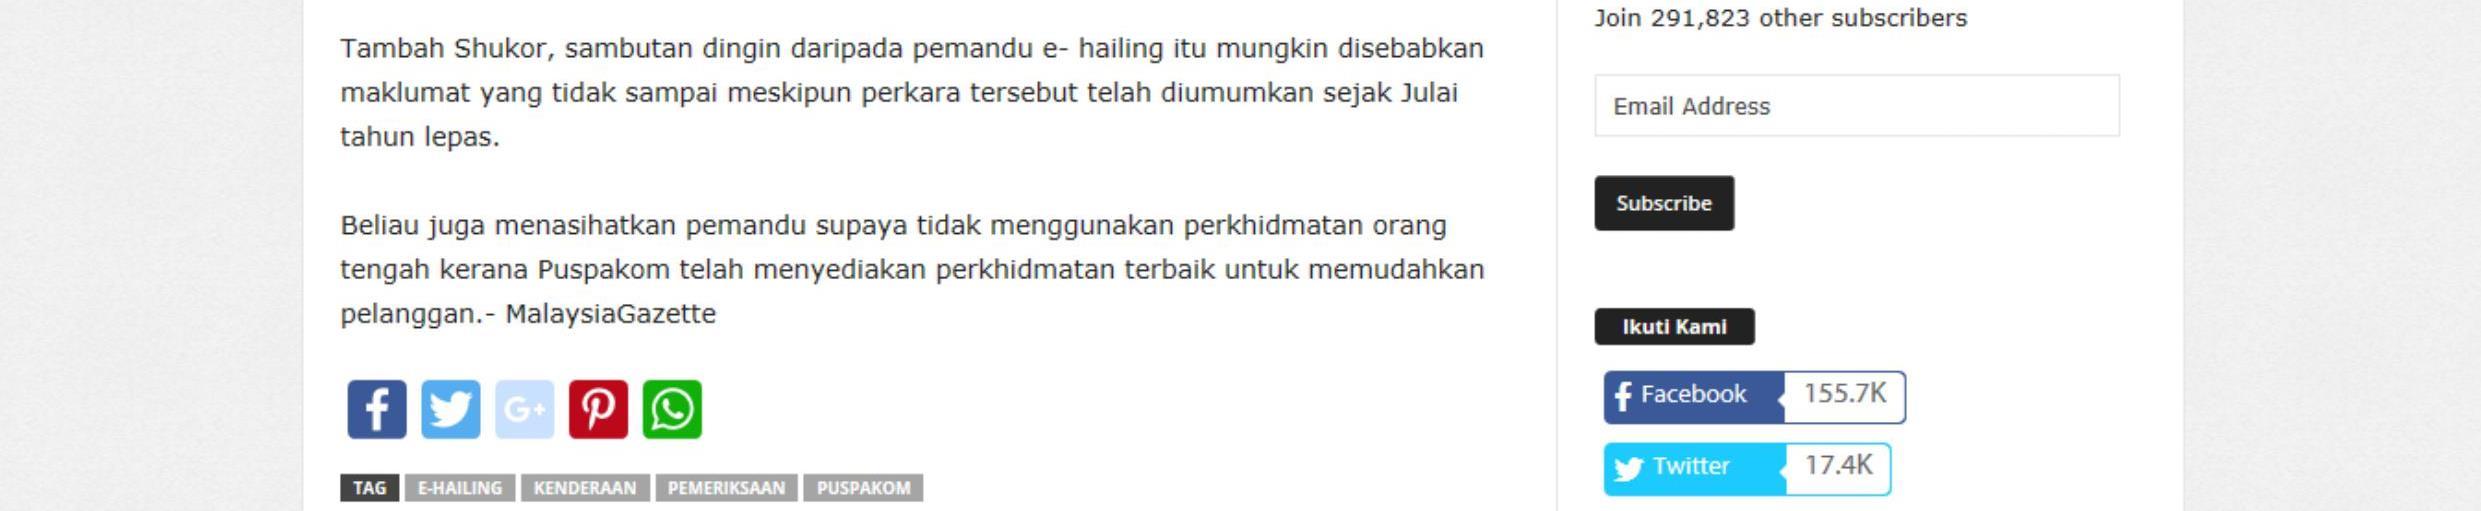 Malaysia Gazette_14.4_Sambutan dingin pemilik kenderaan e-hailing jalani pemeriksaan Puspakom 2-2